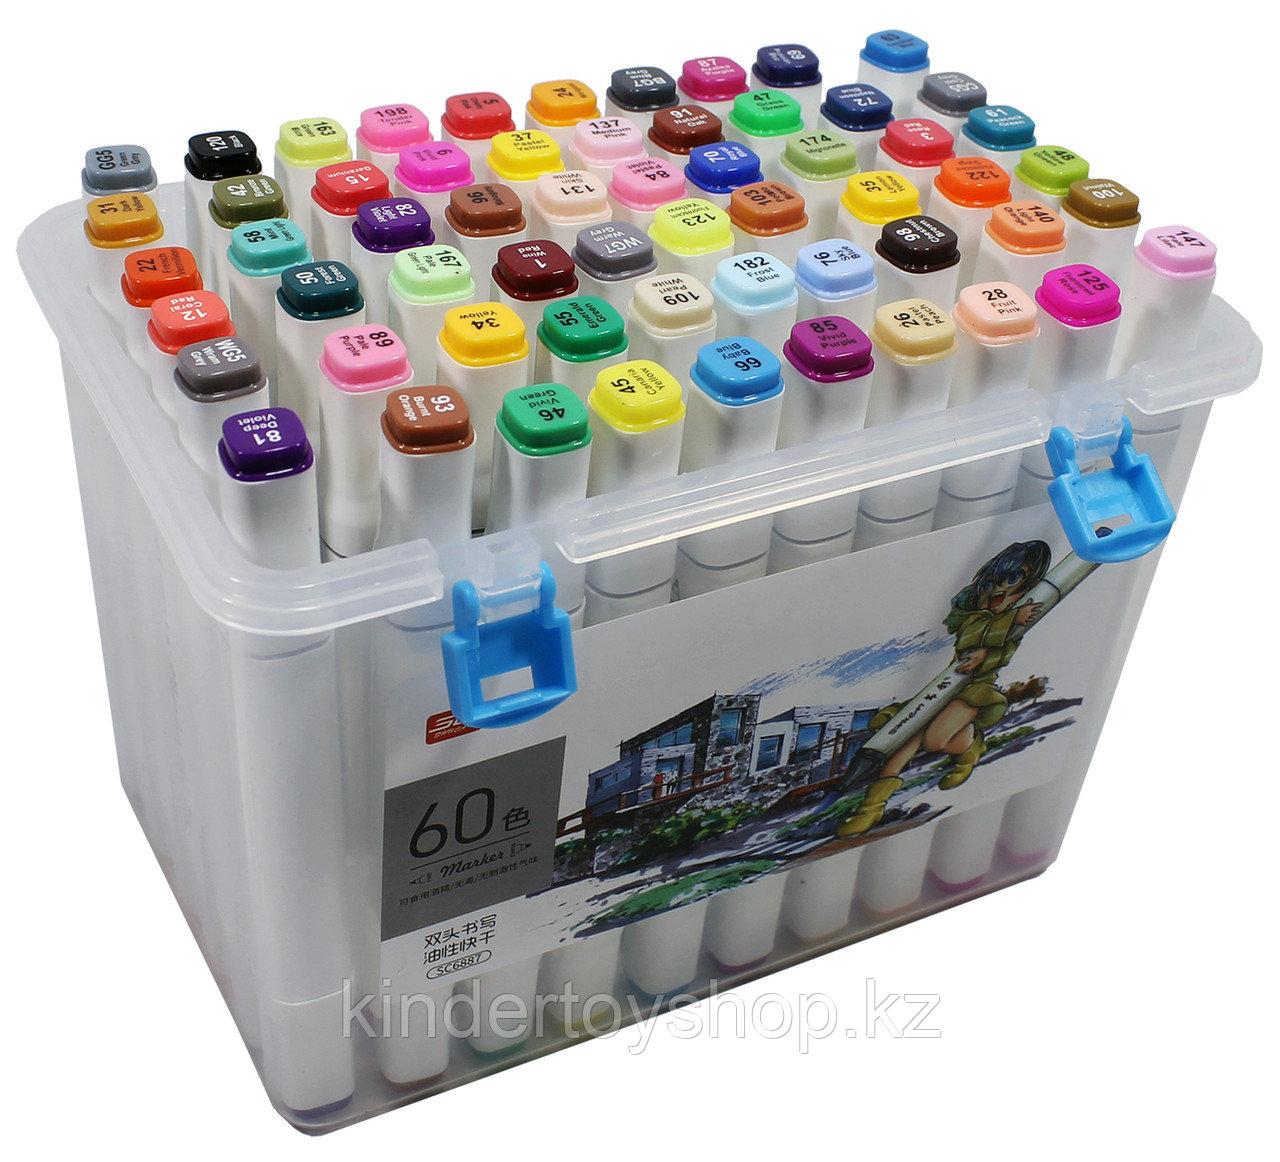 Touch Маркер 60 цветов Оригинал профессиональные для скетчинга